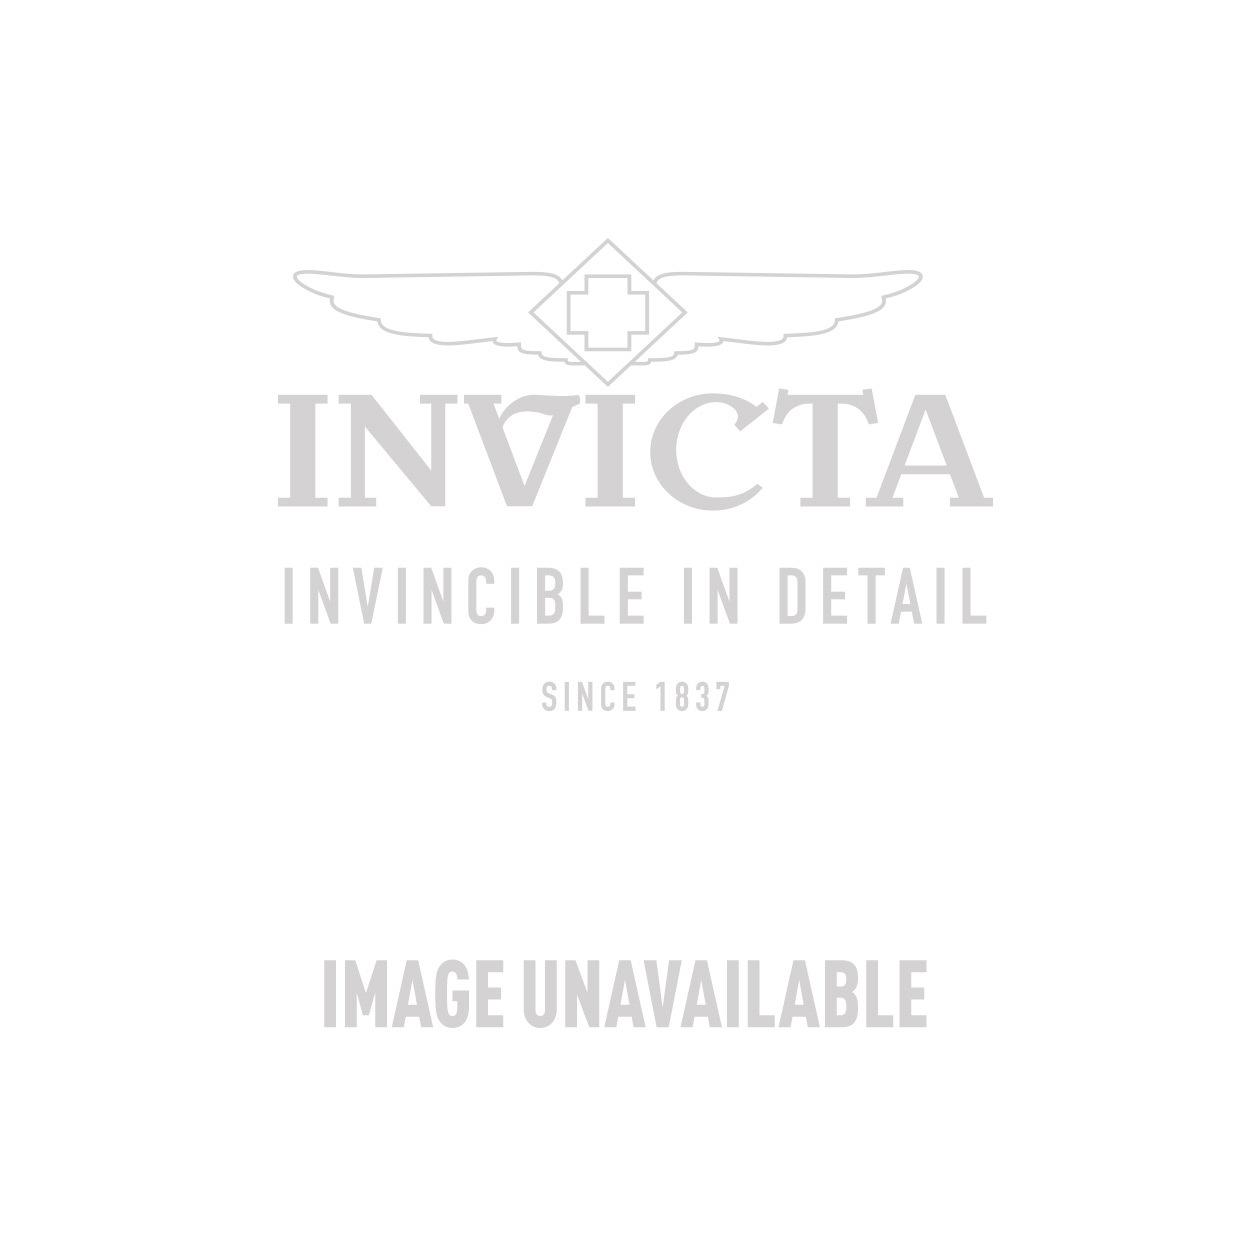 Invicta Model 27130